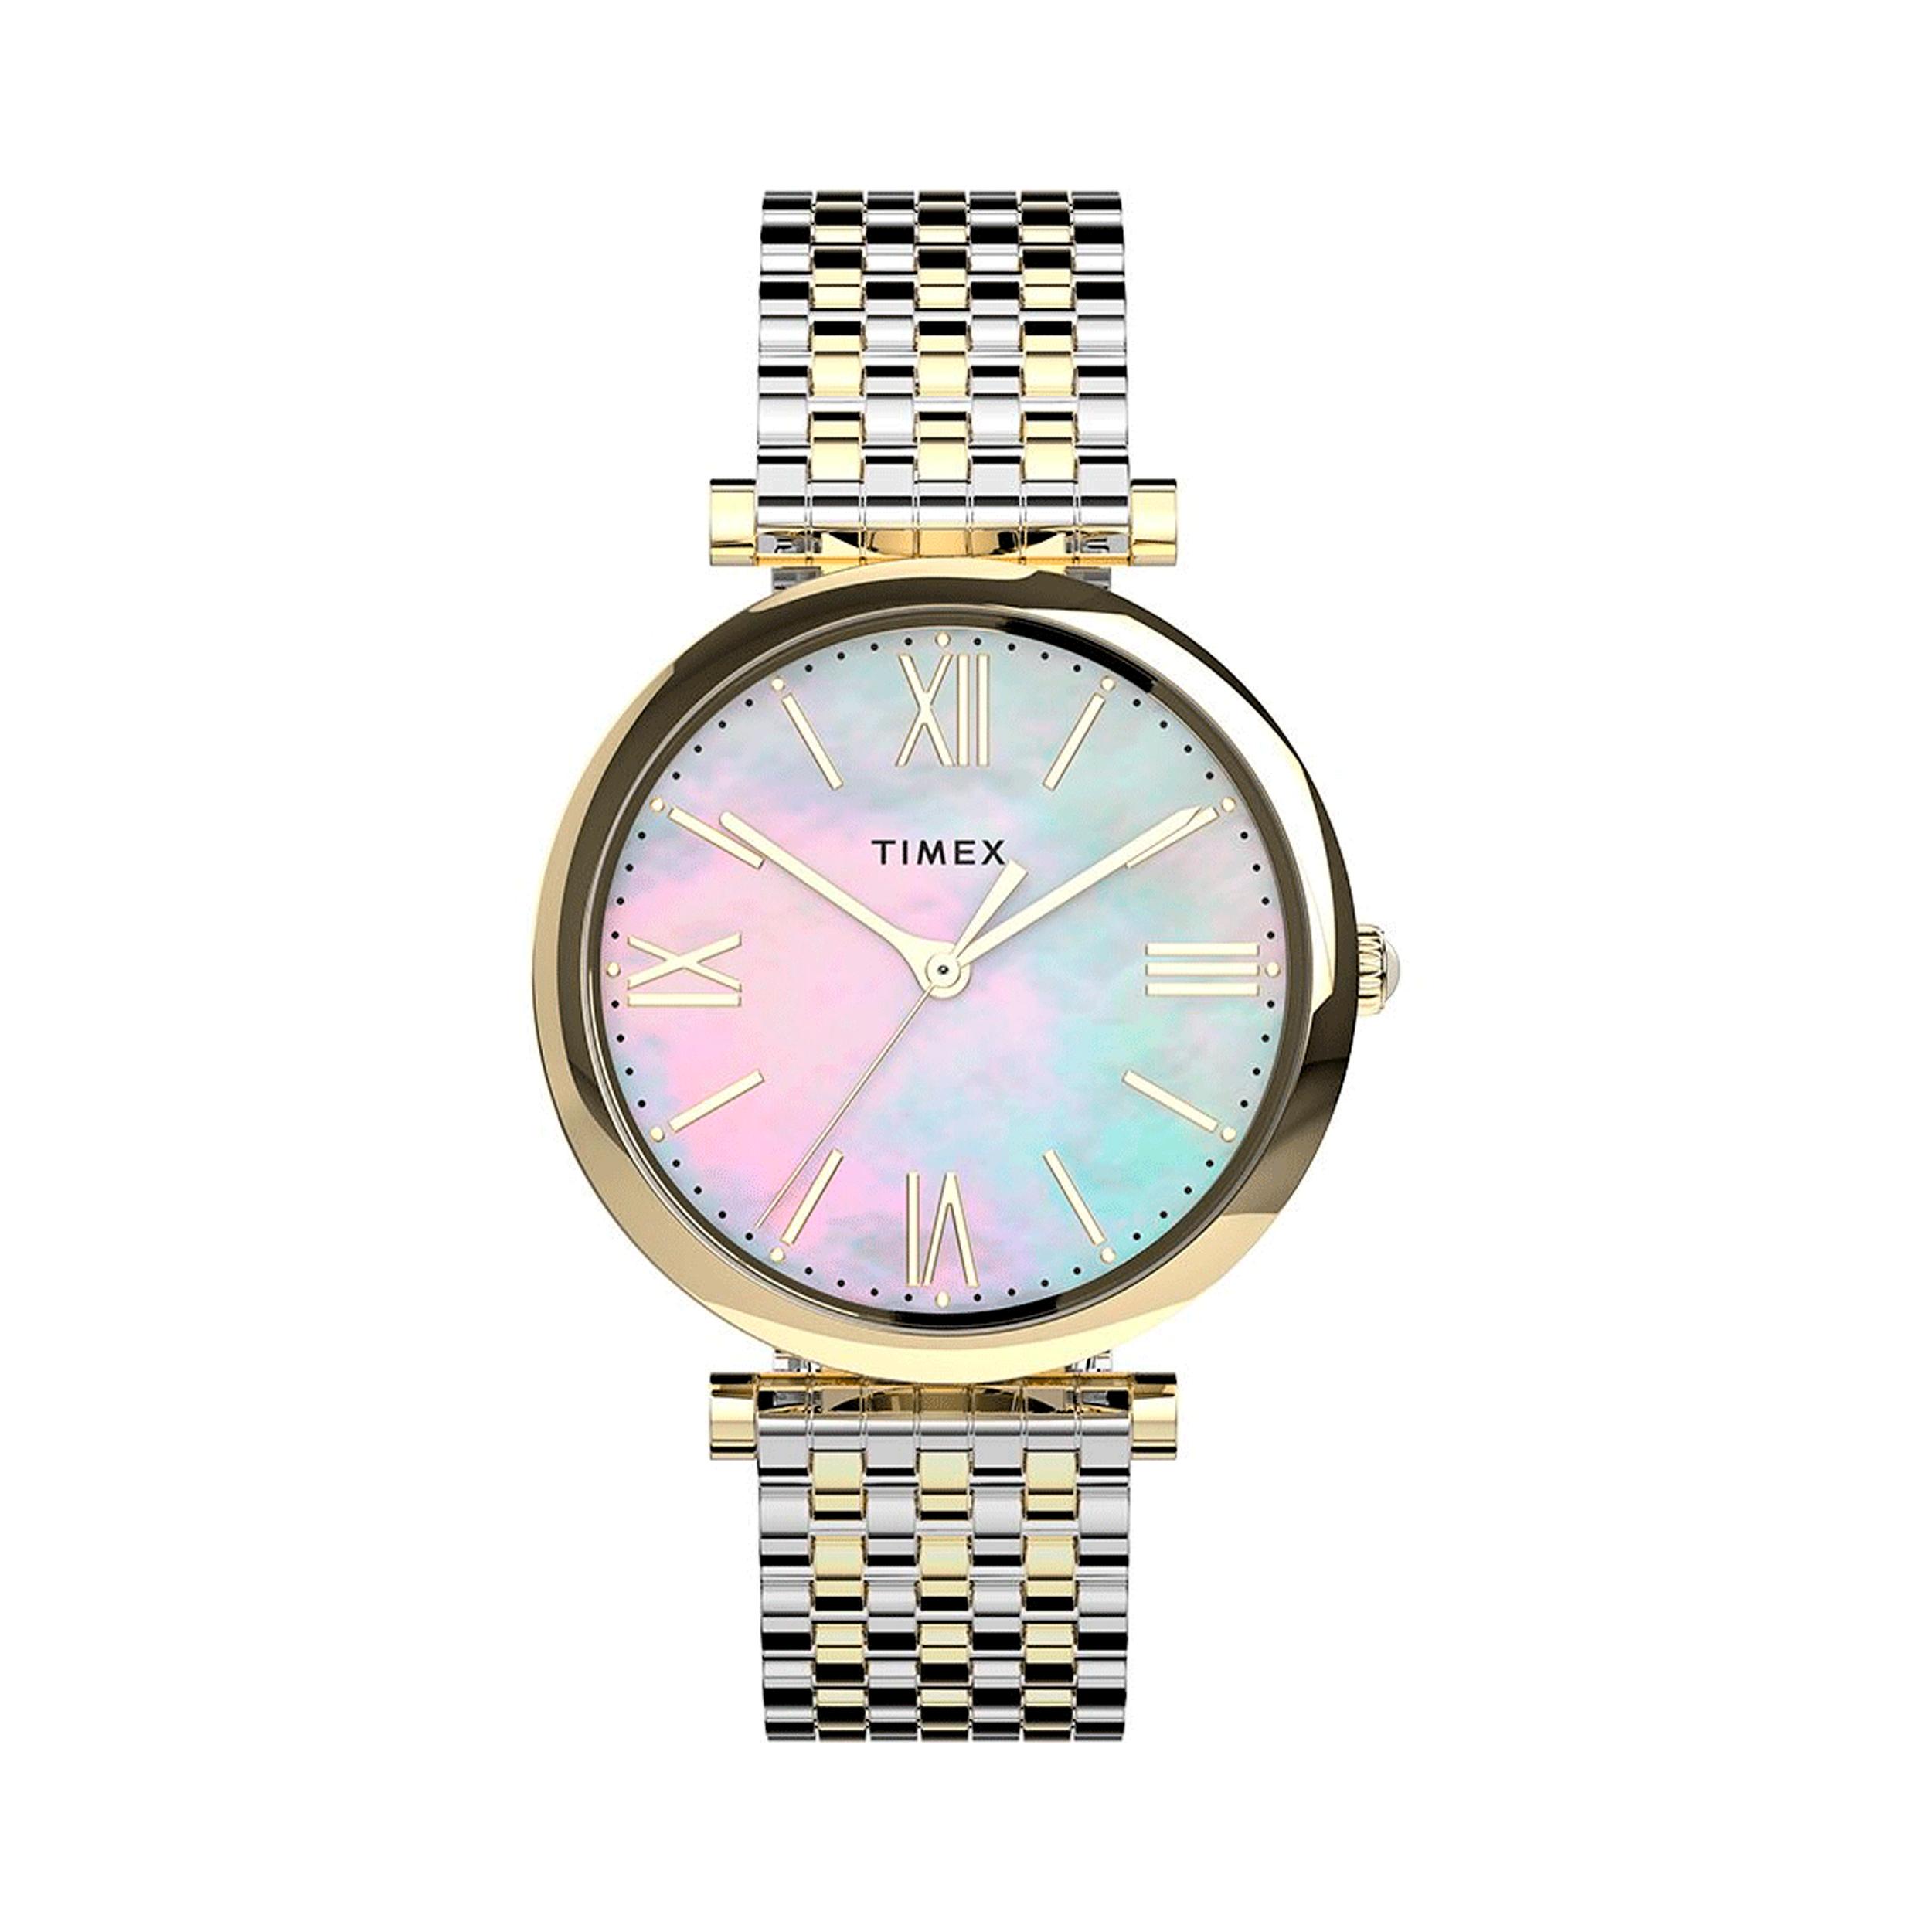 ساعت مچی عقربه ای زنانه تایمکس مدل TW2T79400 -  - 2